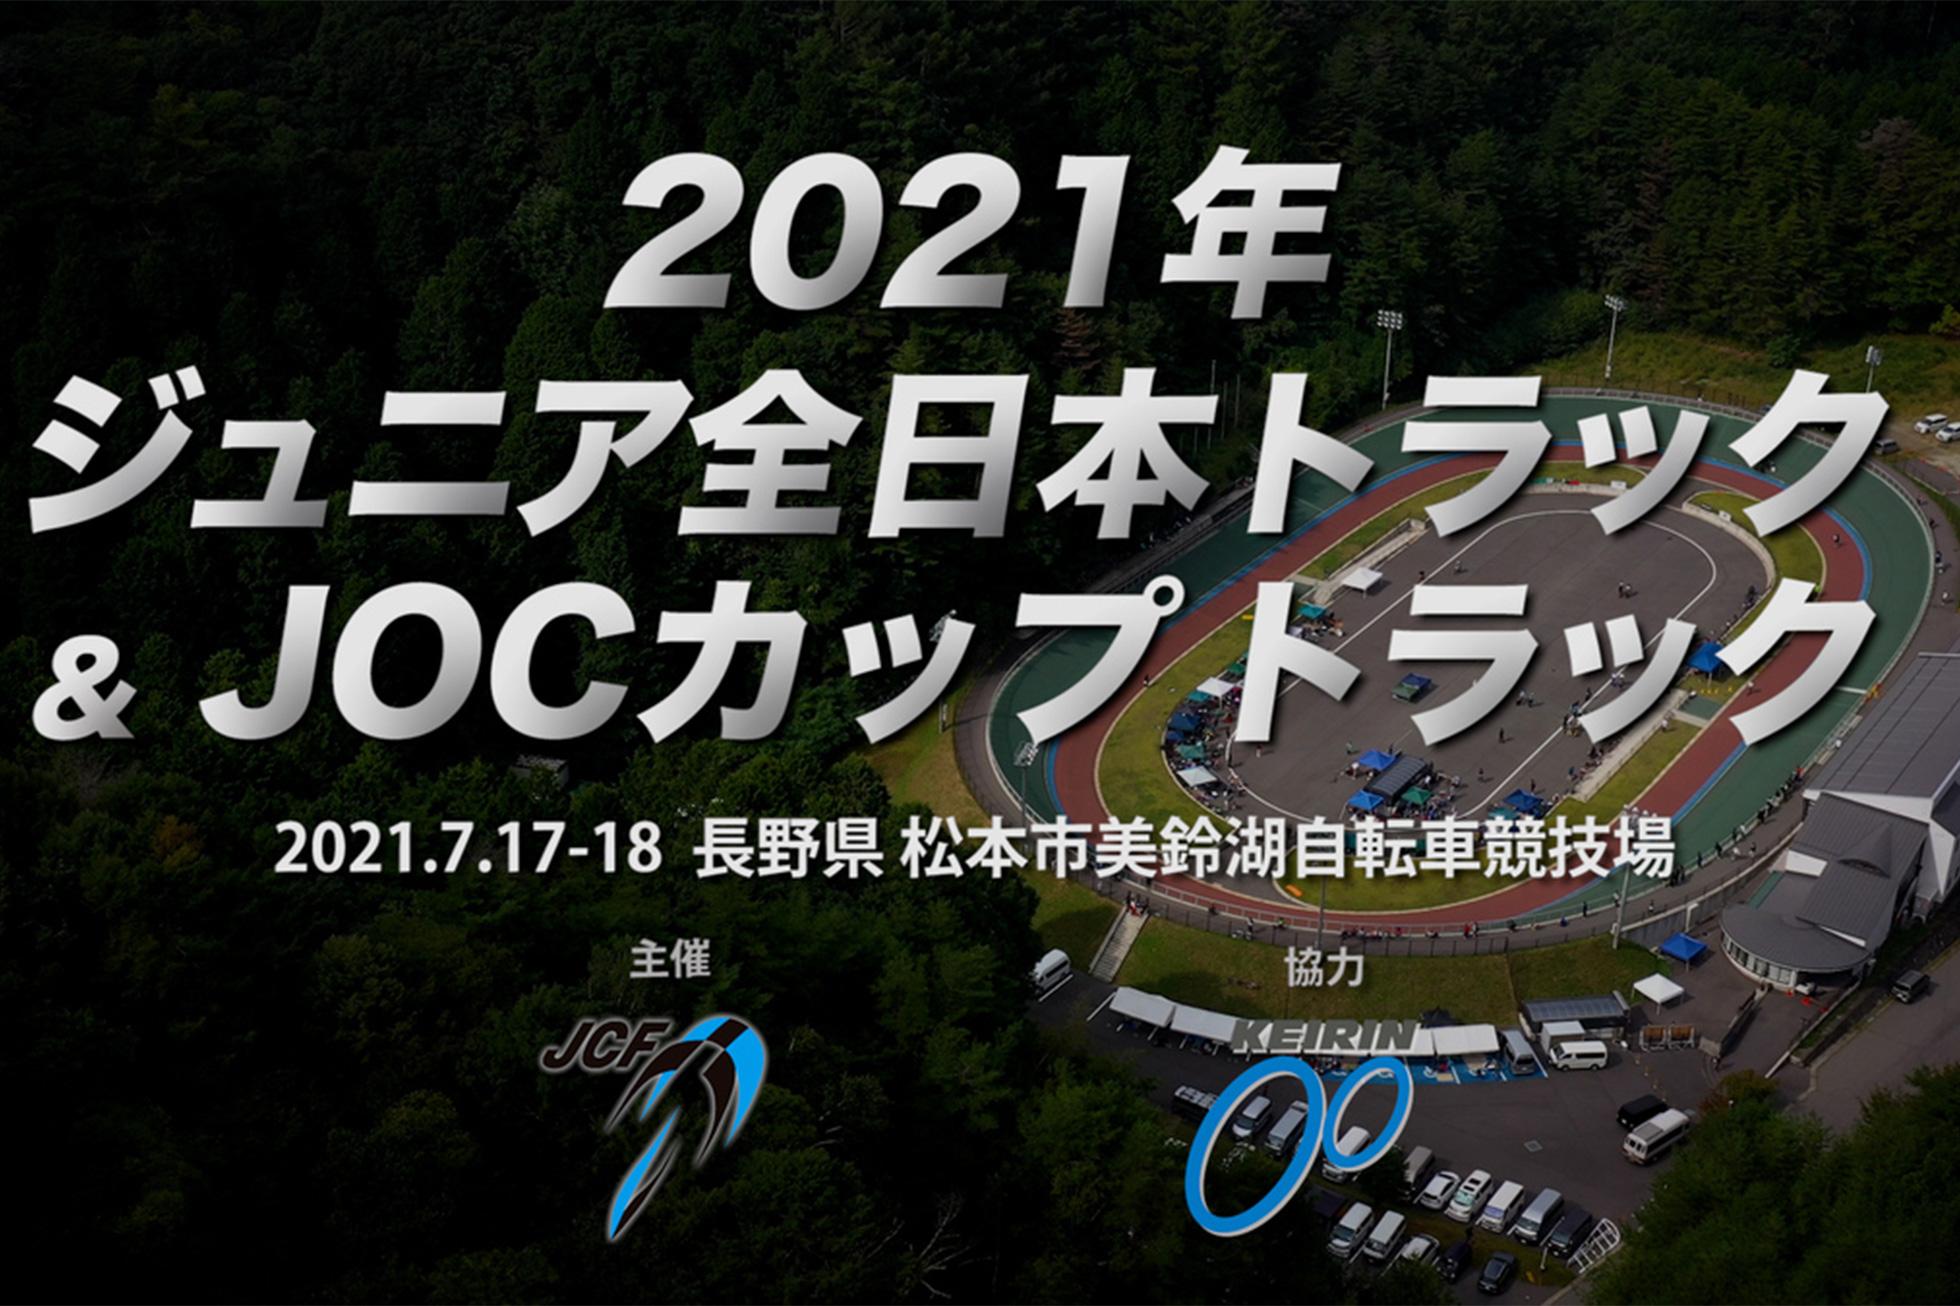 2021年ジュニア全日本トラック&JOCカップトラック